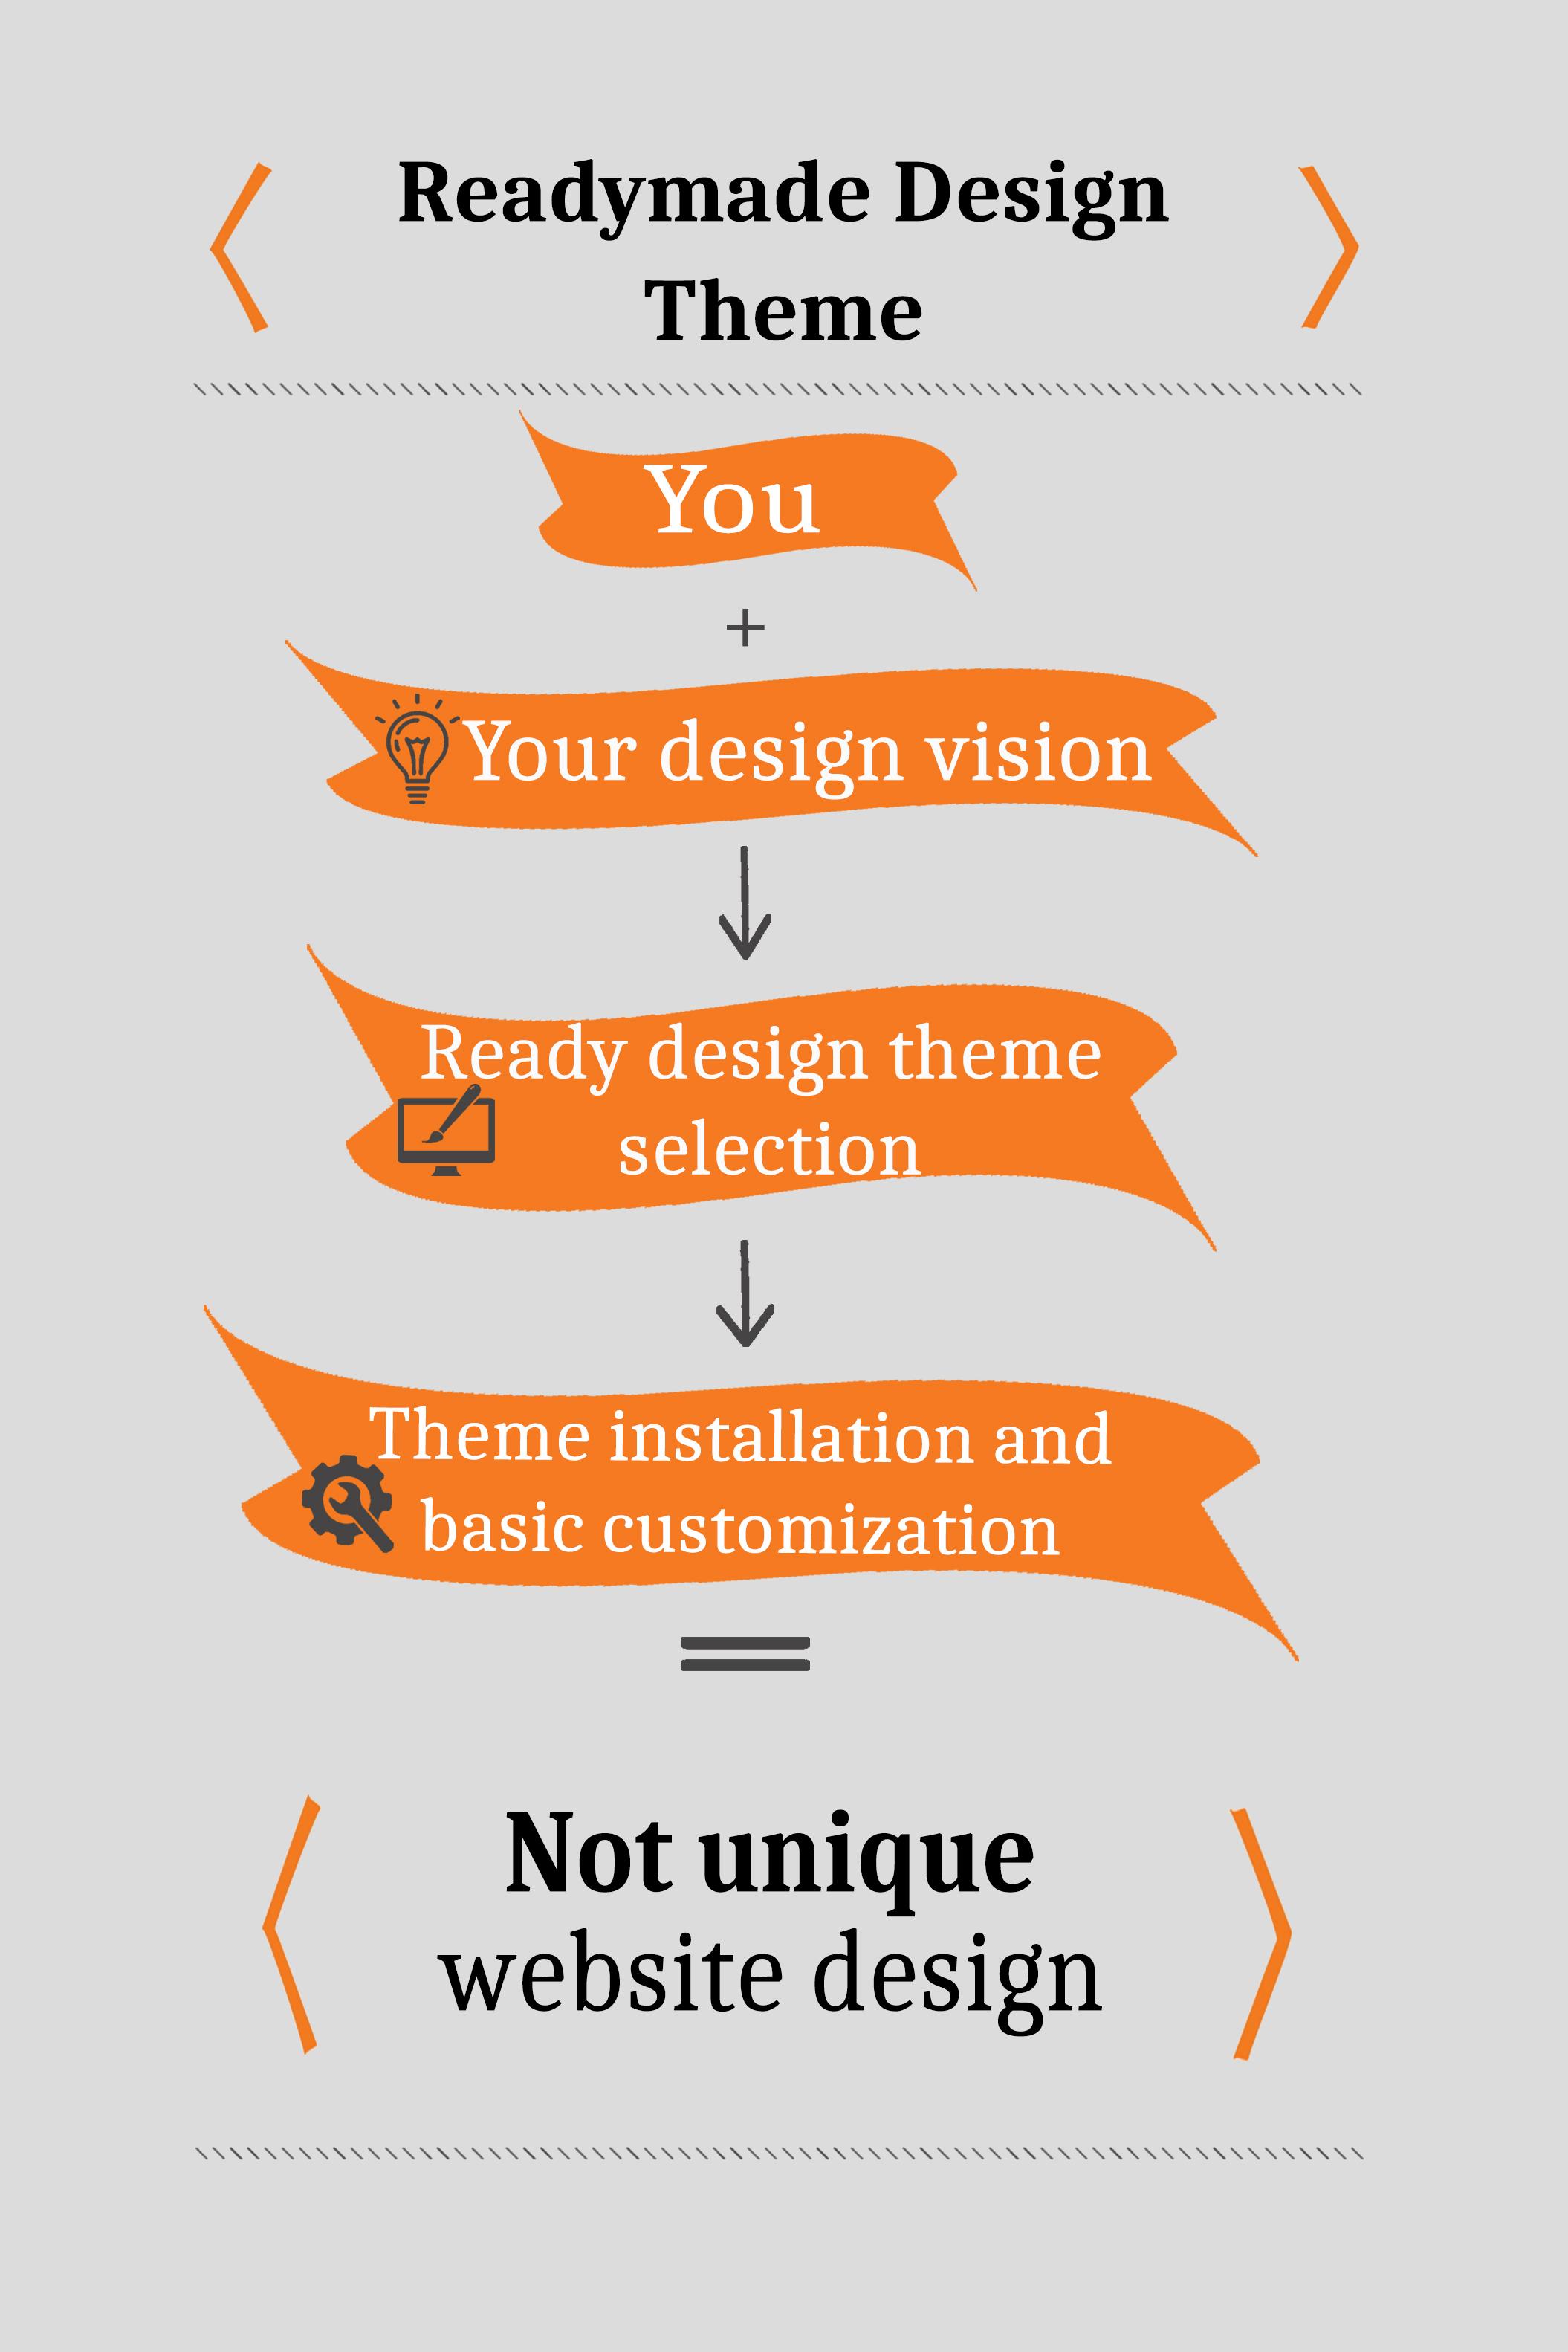 Readymade design theme